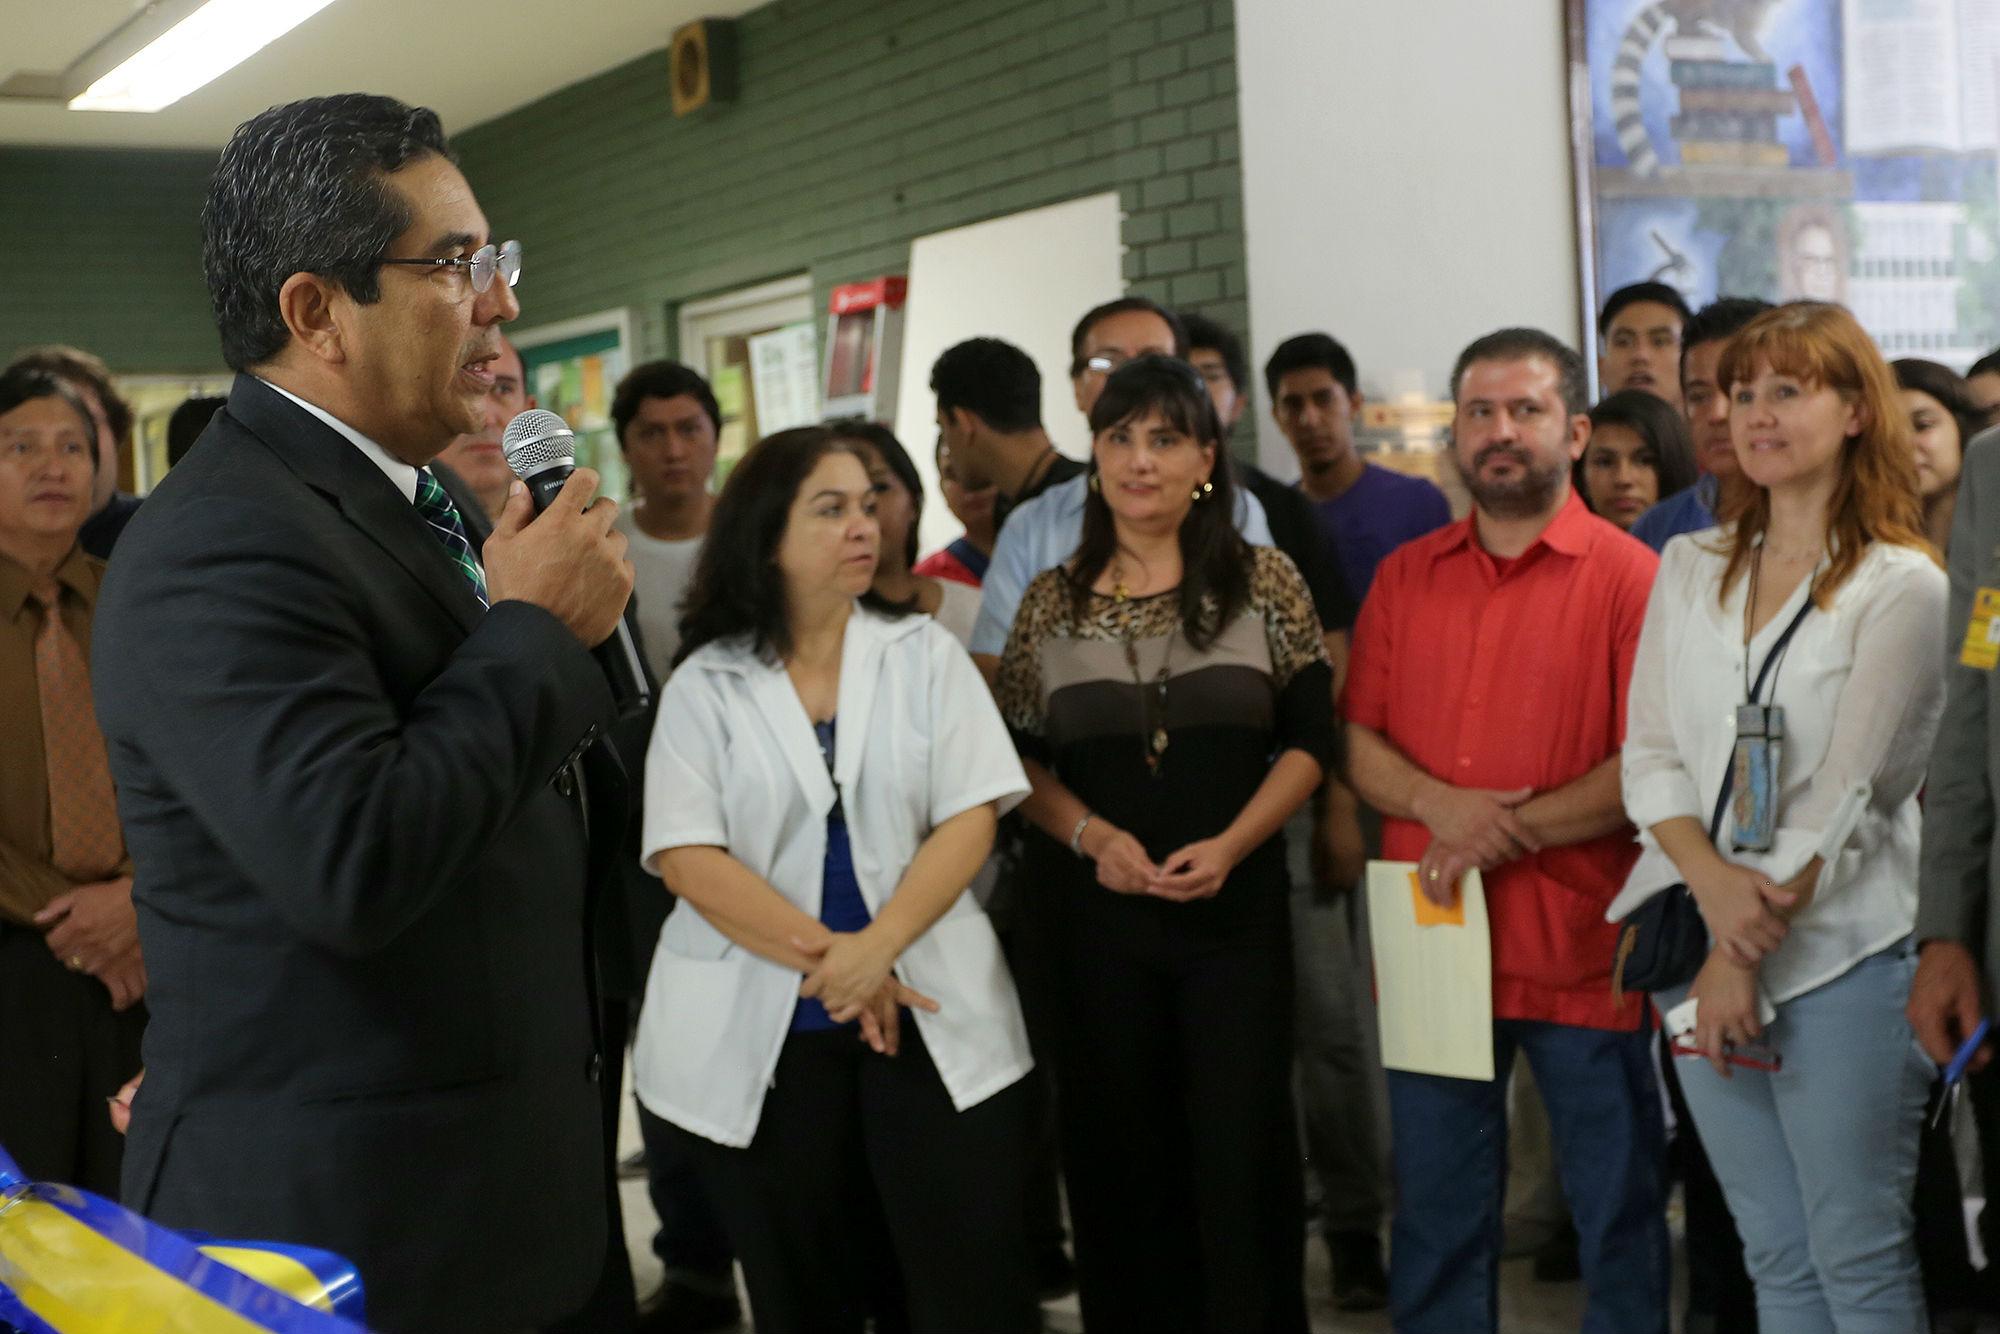 l Dr. Antonio guzmán Velazco, director de la Facultad de Ciencias Biológicas